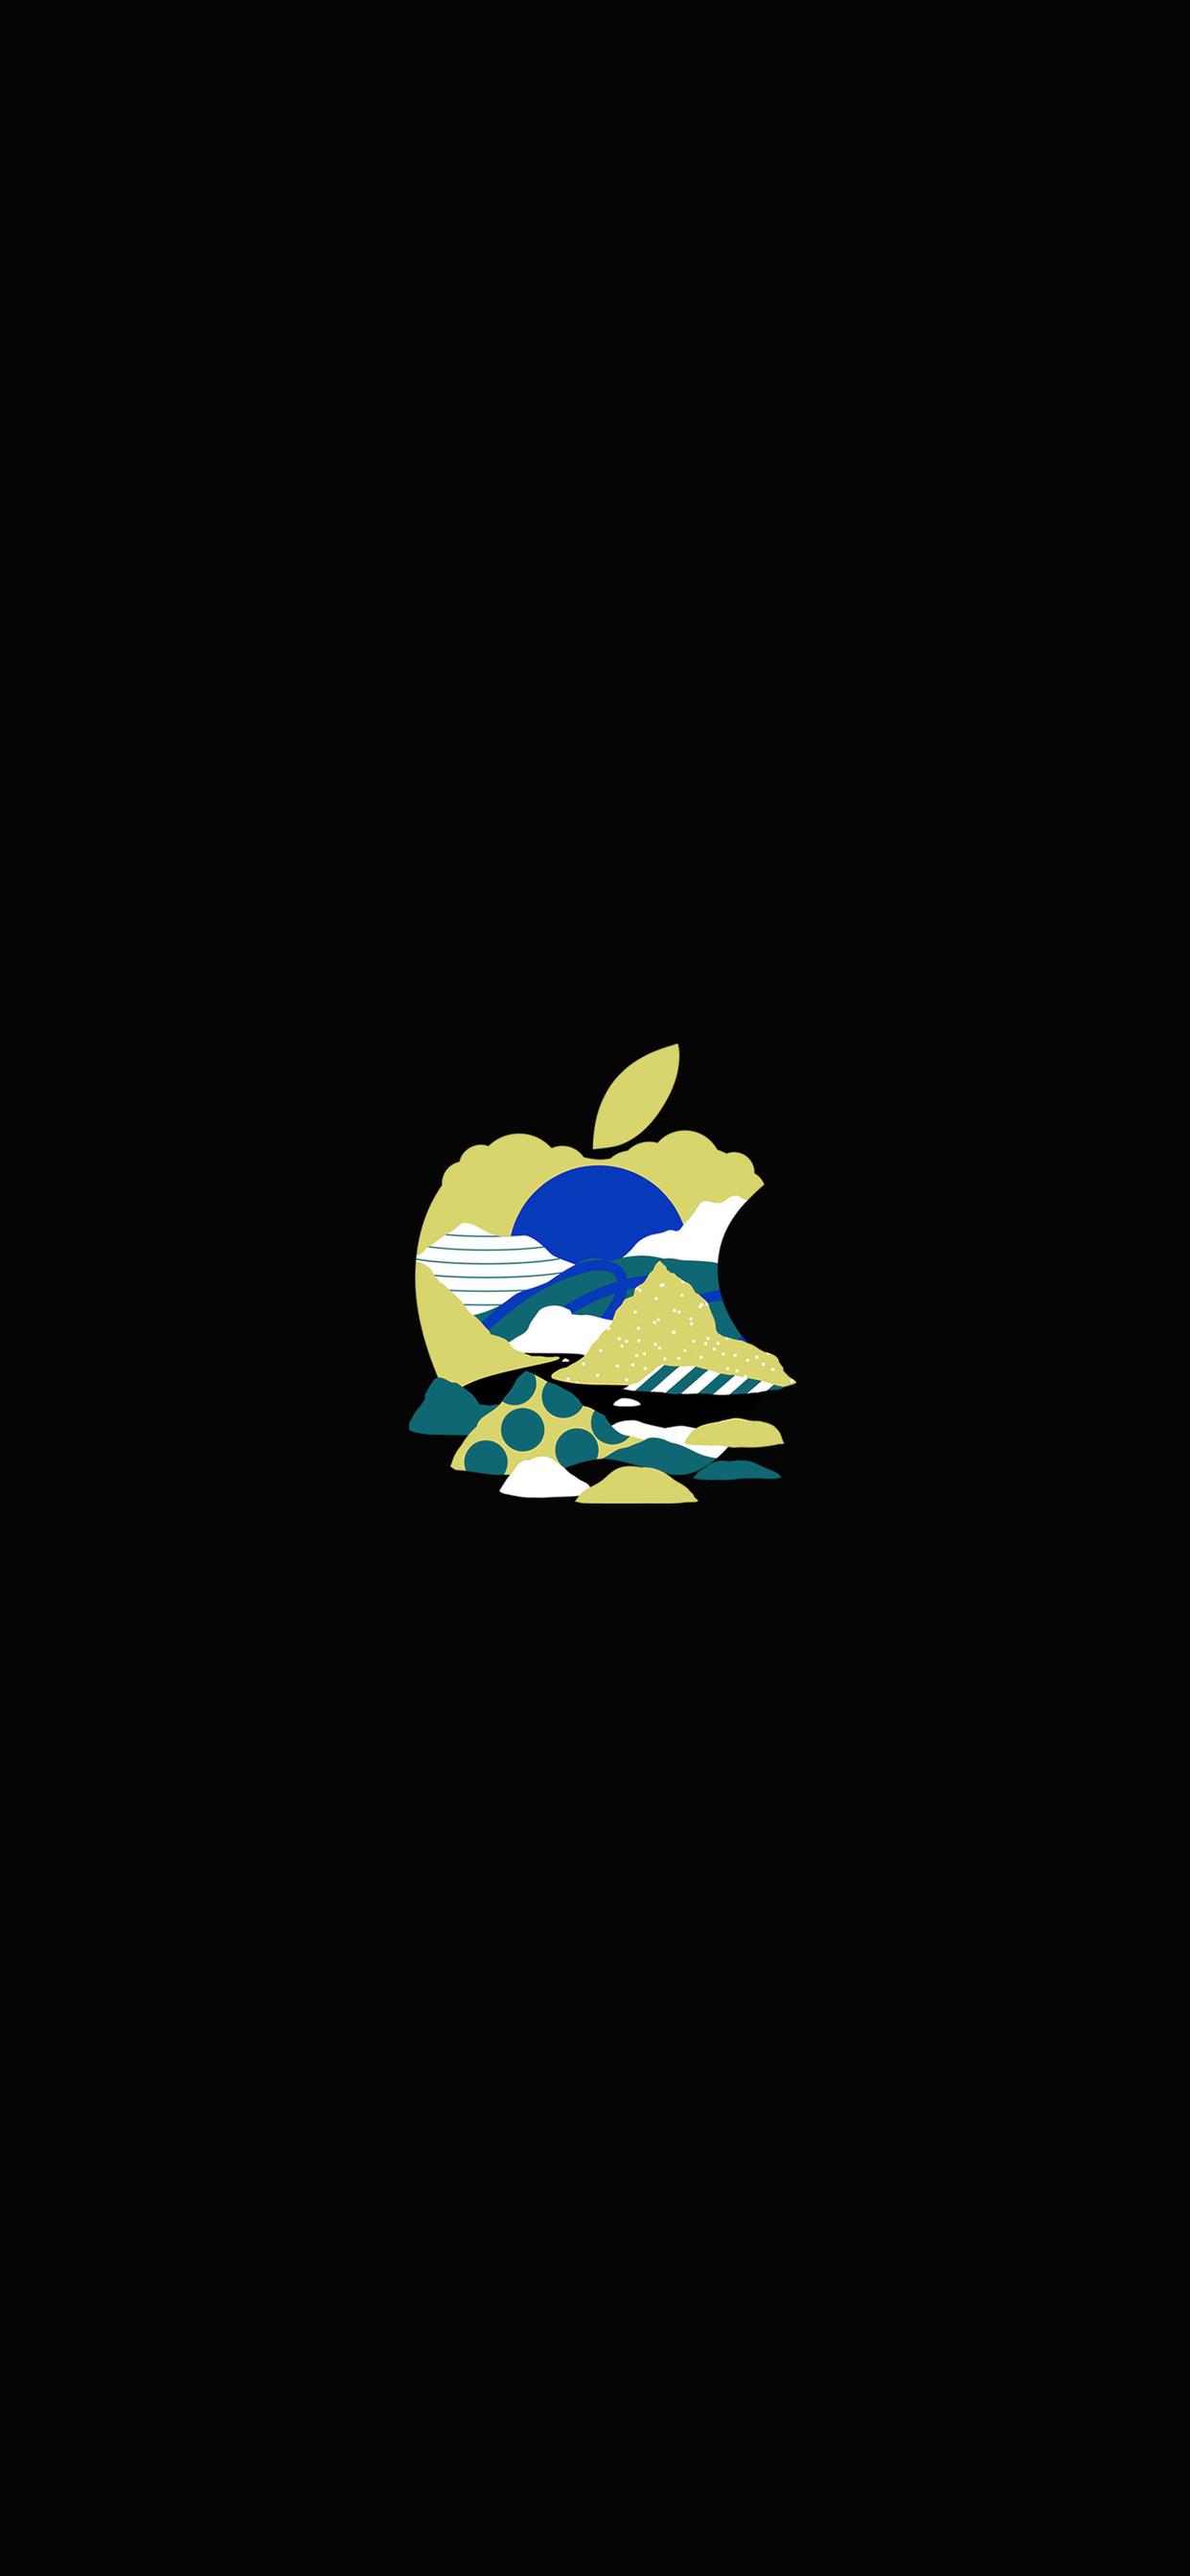 iPhone wallpaper apple logo 7 Fonds décran noirs avec le logo Apple en très haute résolution